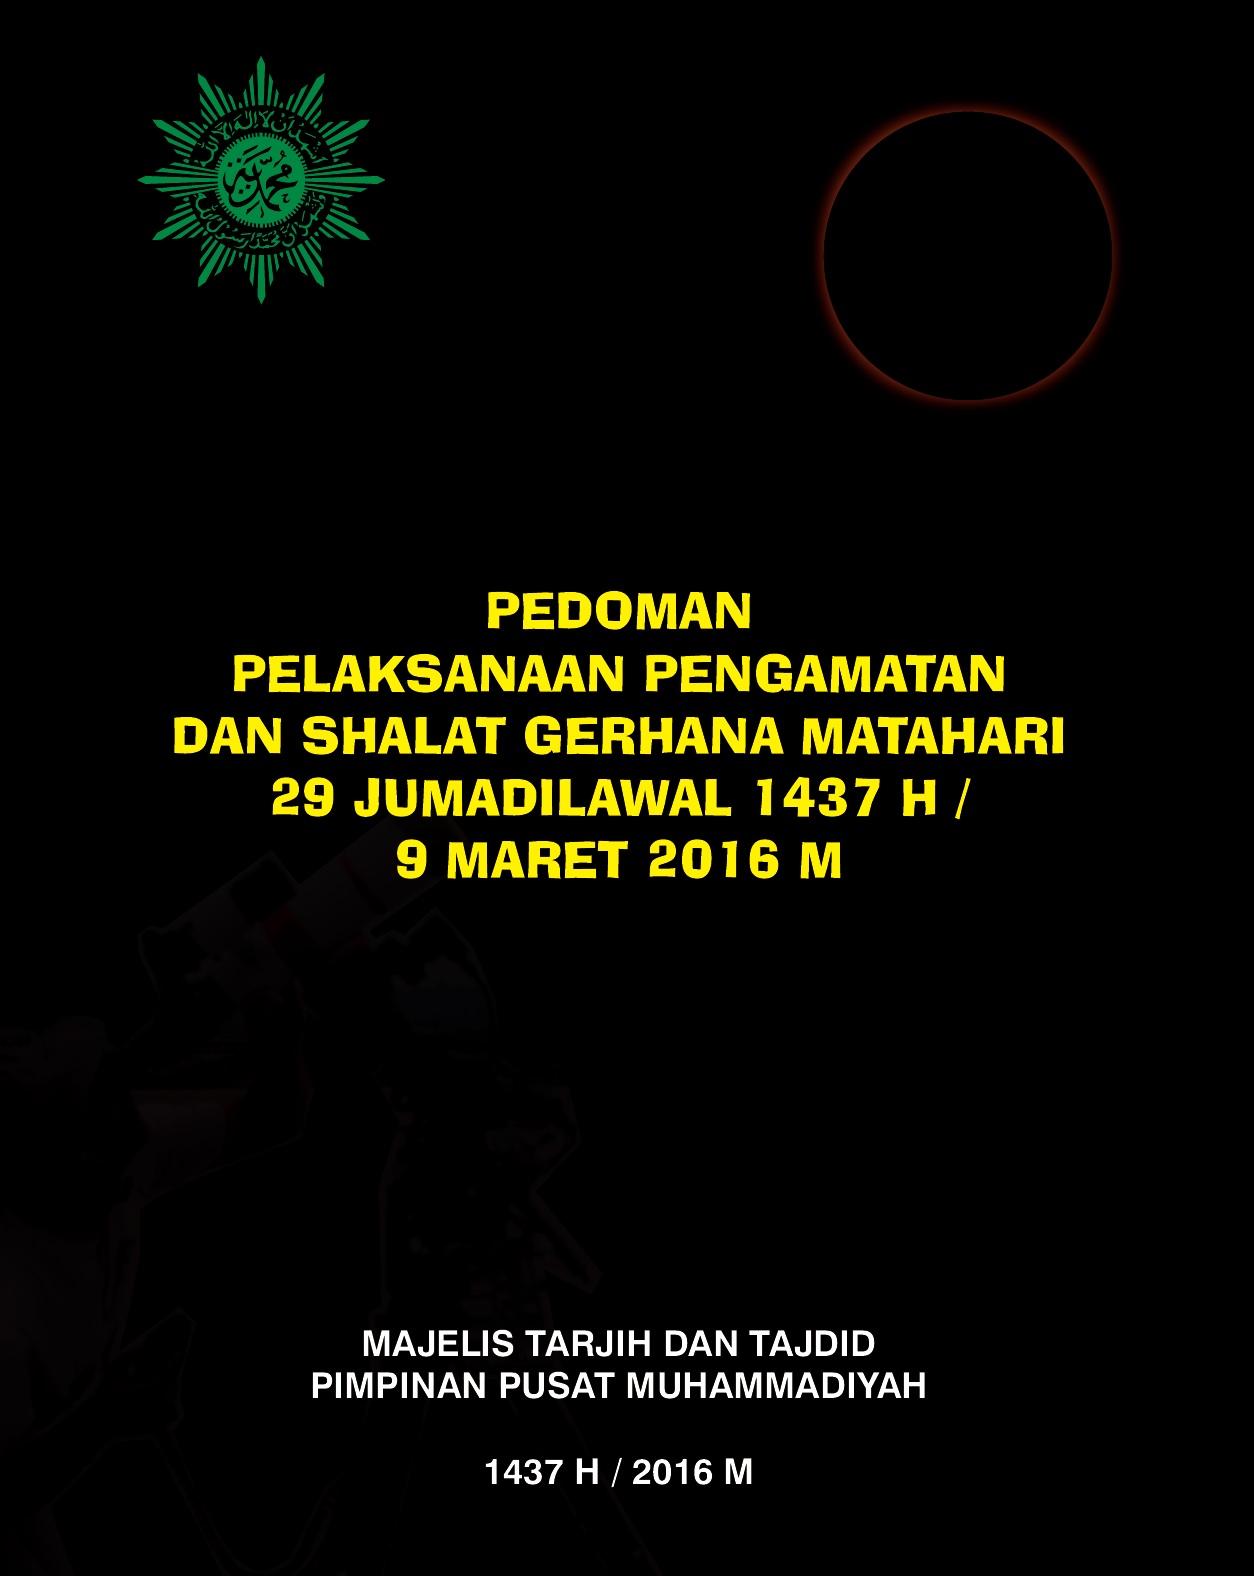 Photo of Booklet: Pedoman Pelaksanaan Pengamatan & Shalat Gerhana Matahari